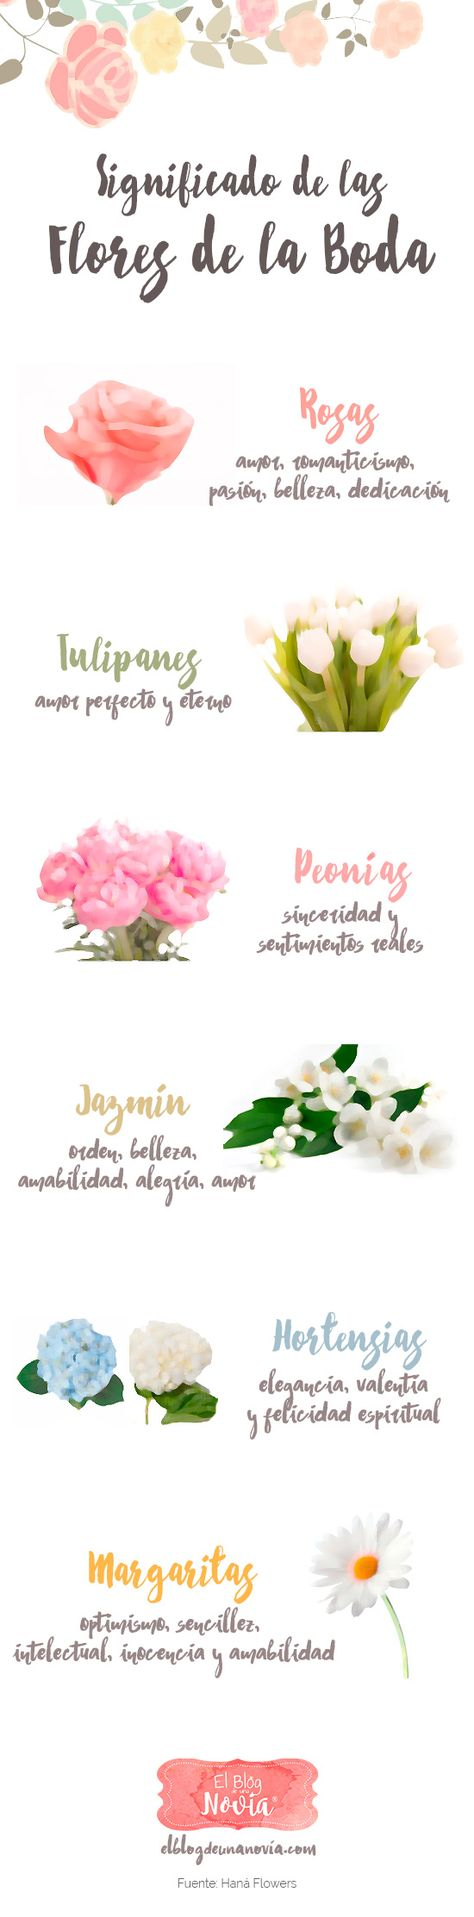 Significado de Flores para la Boda   El Blog de una Novia